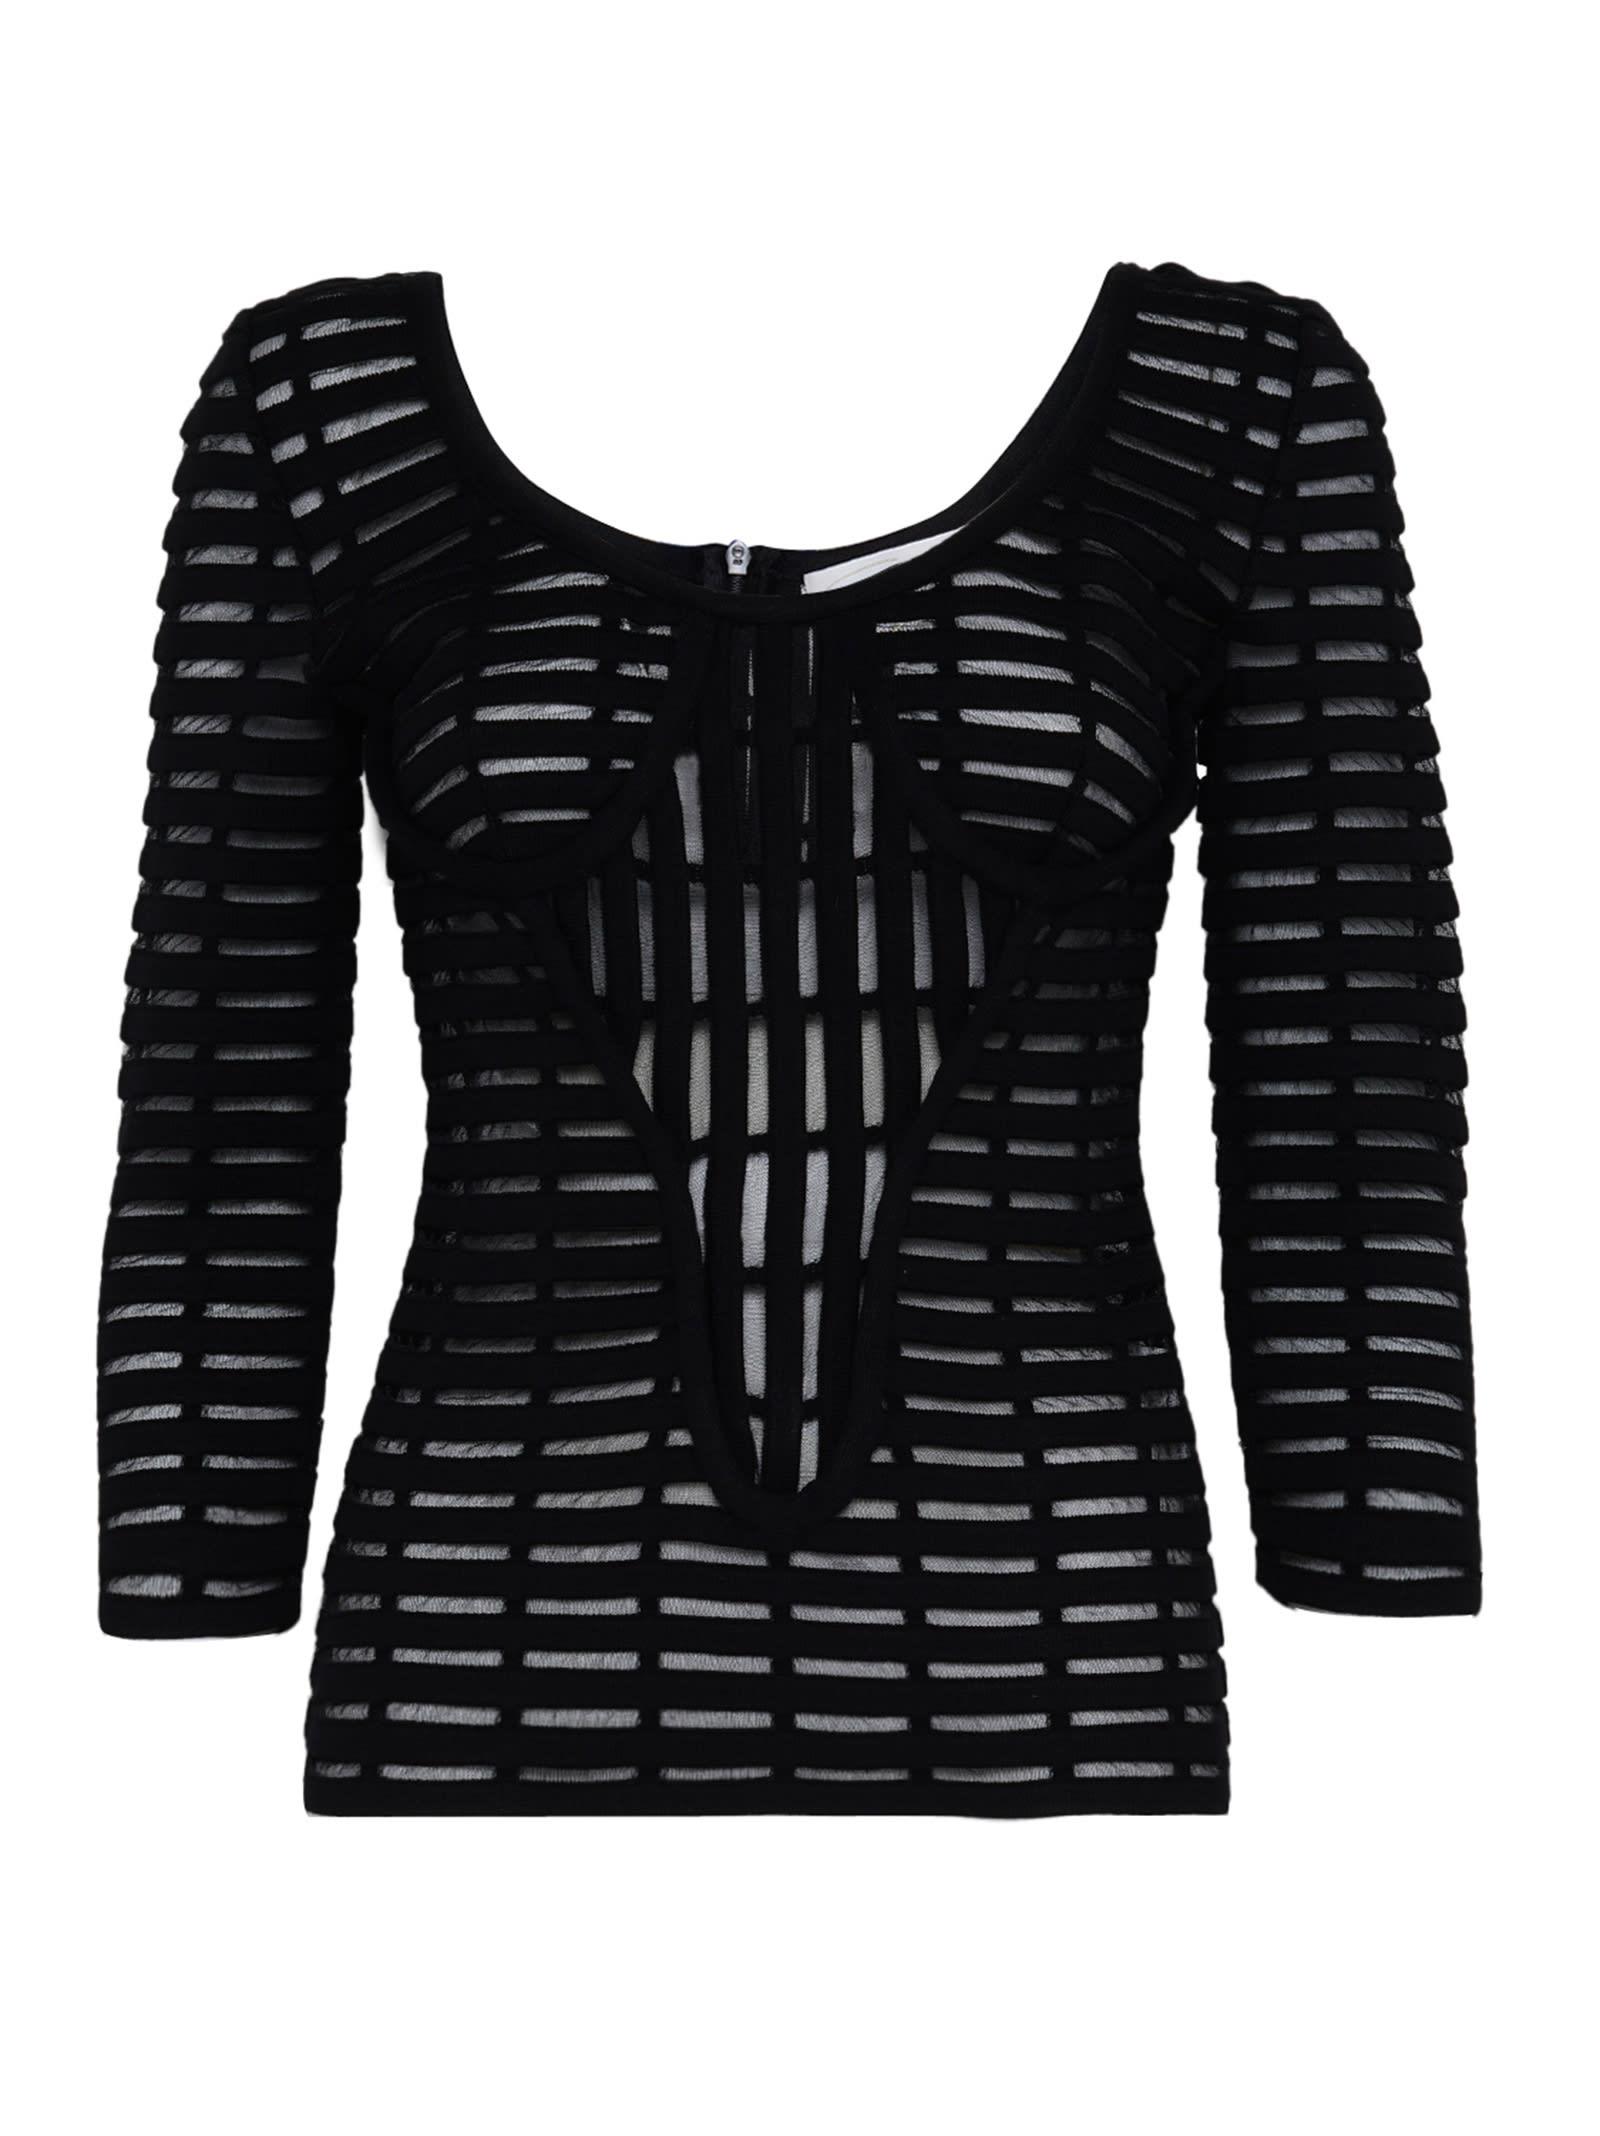 Black Open-knit Long Sleeve Top